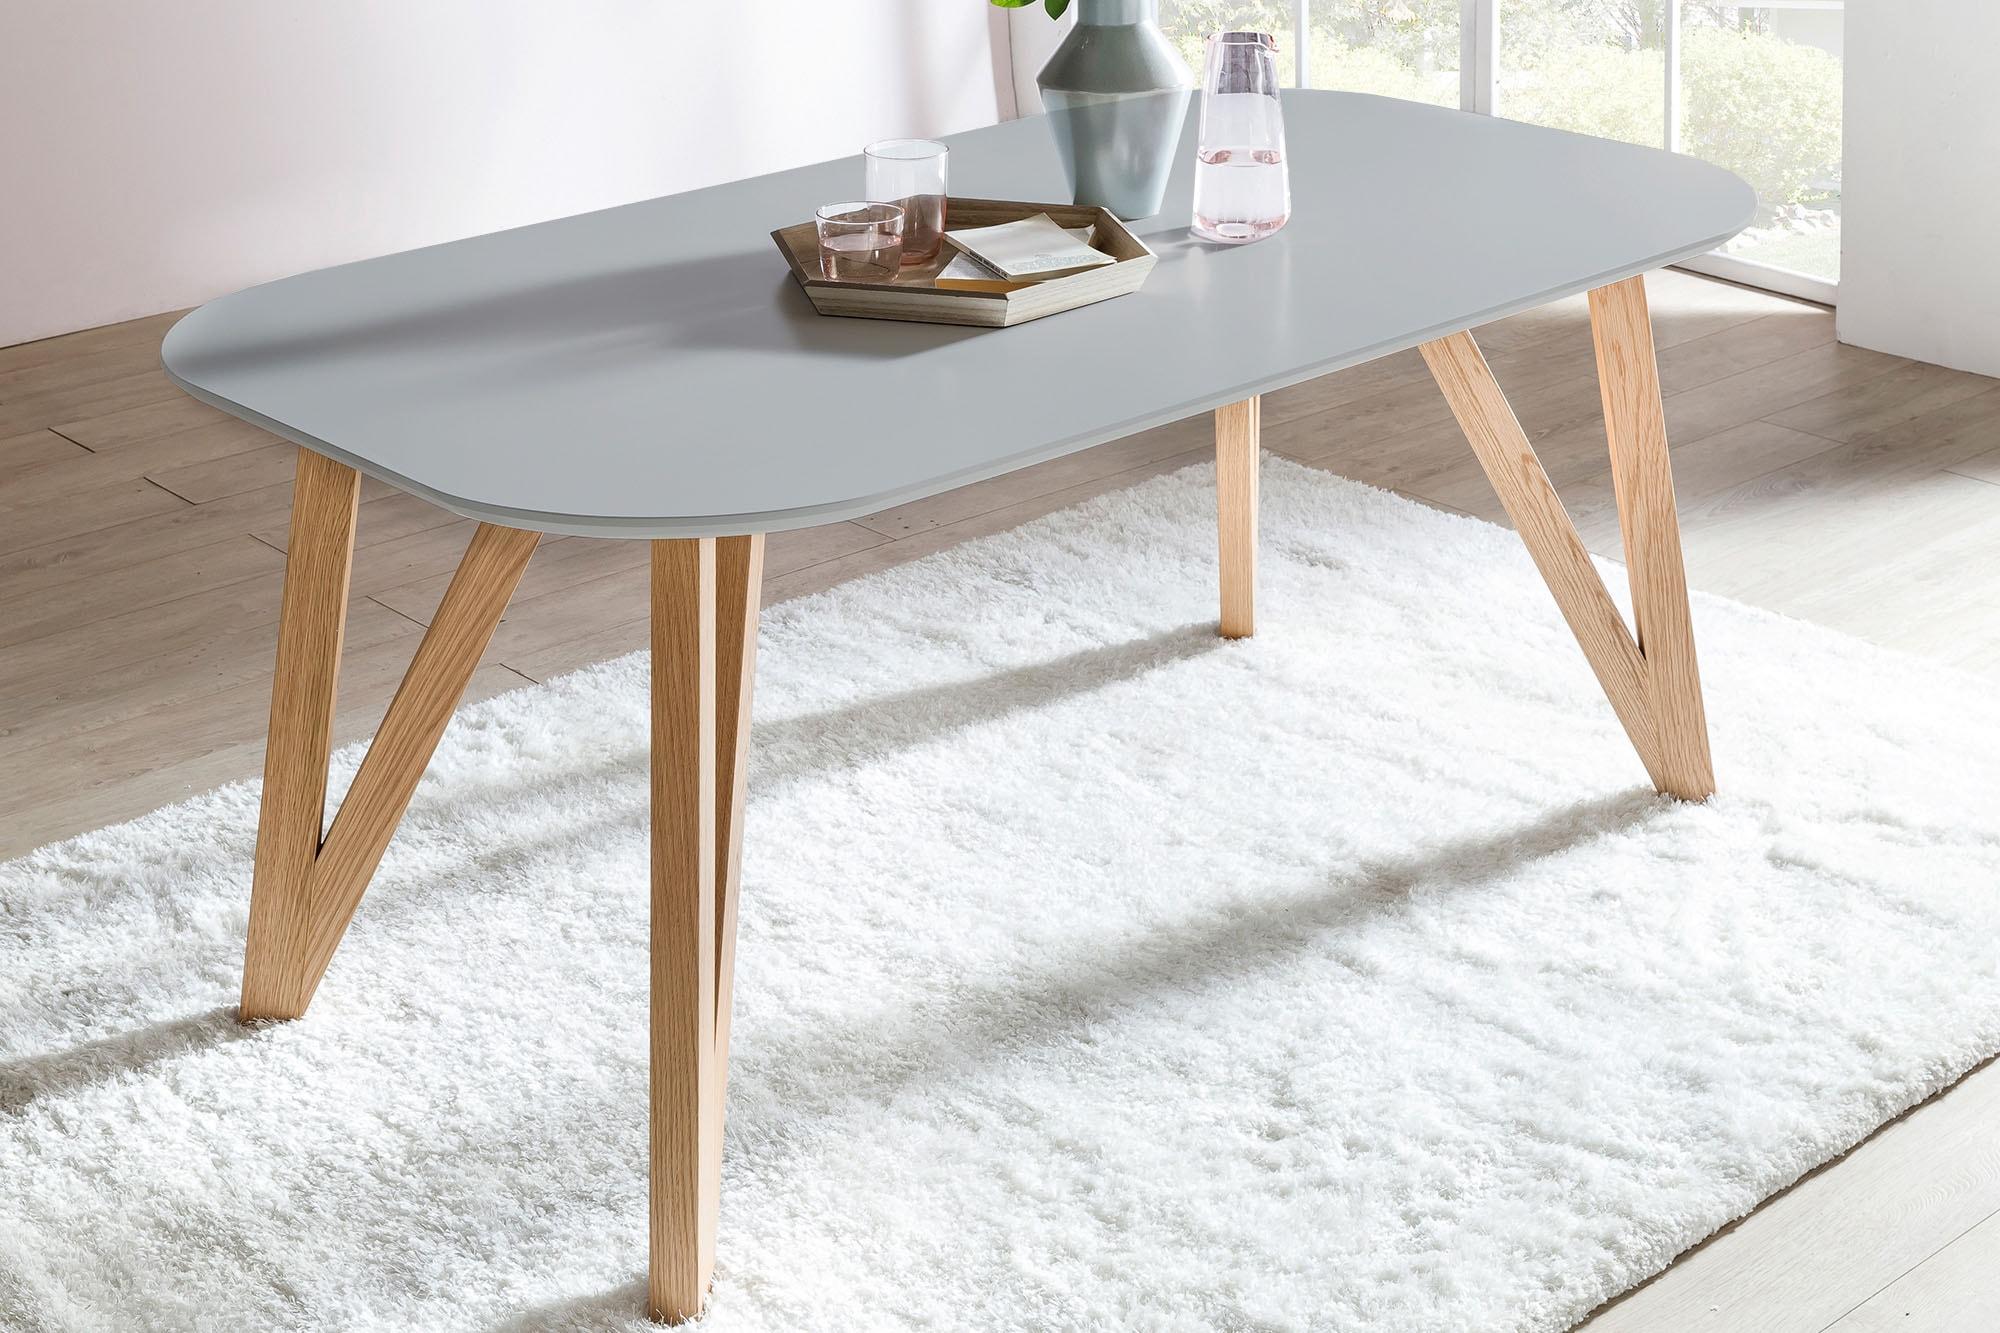 SalesFever Esstisch, Haarnadelbeine aus massiver Eiche grau Esstisch Esstische rund oval Tische